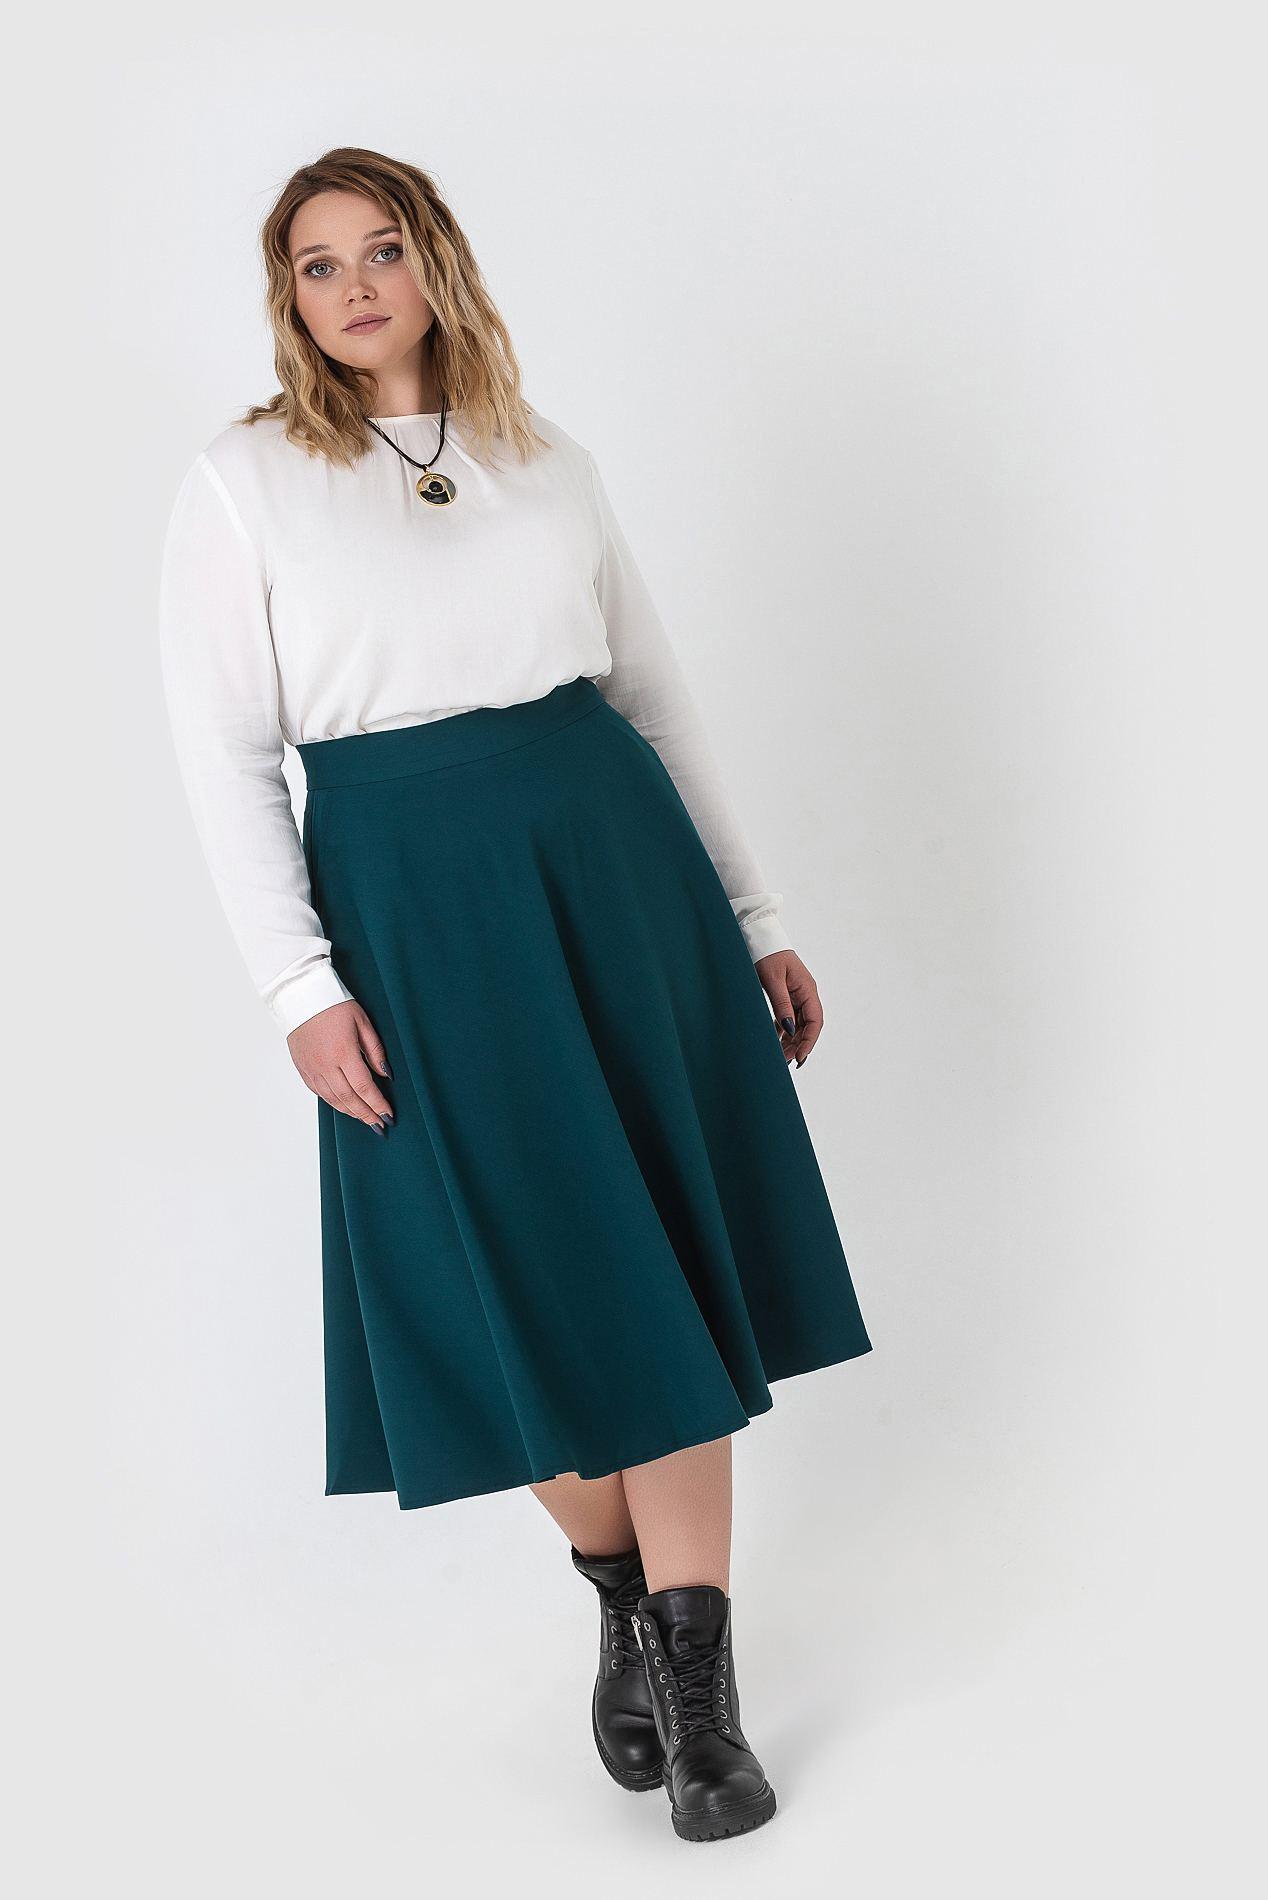 Купить синюю ткань на юбку стойка для стаканов для кулера